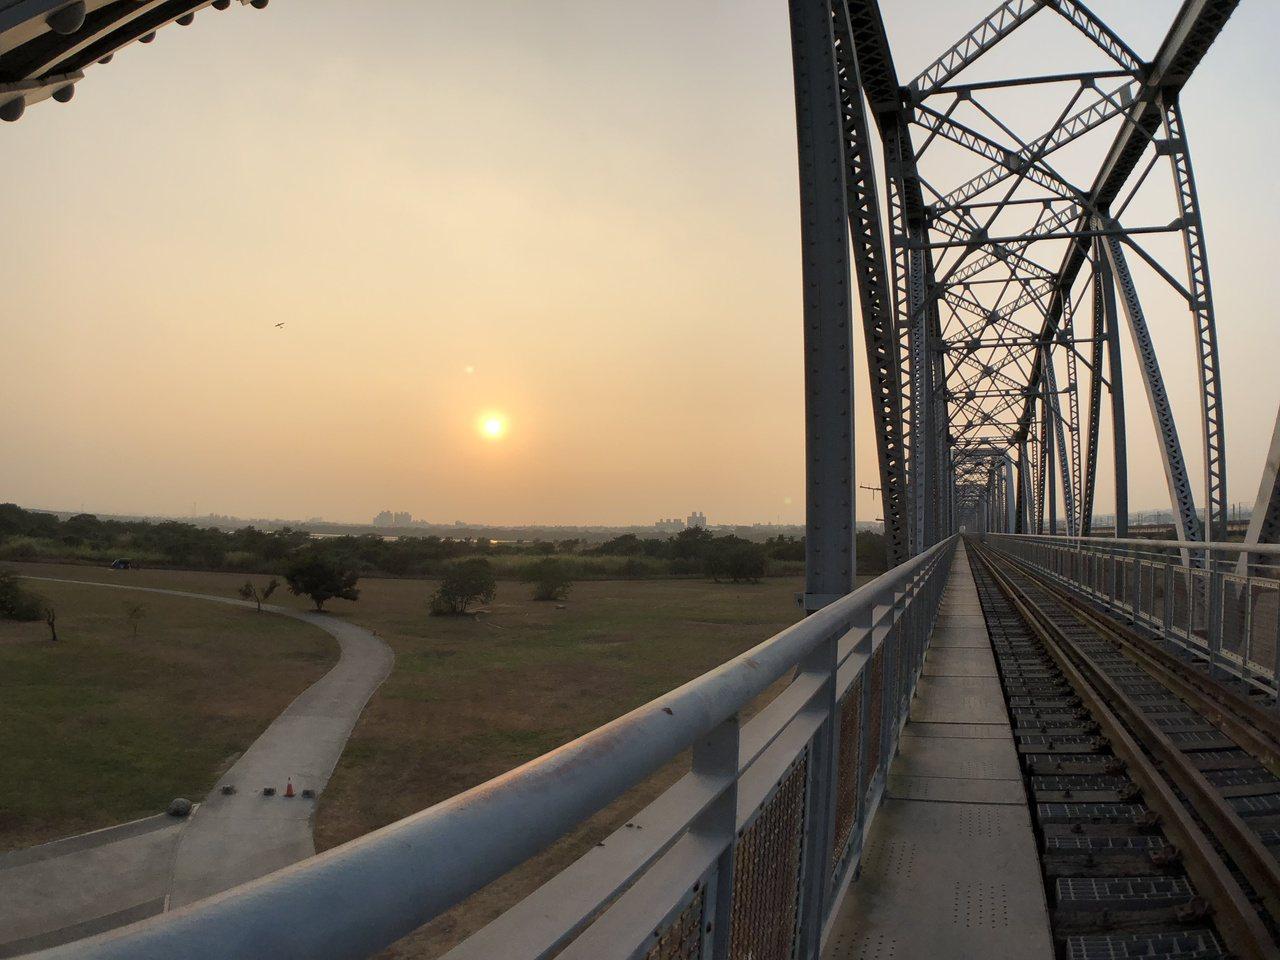 今年國慶焰火將在屏東河濱公園(高屏溪舊鐵橋)釋放。記者江國豪/攝影